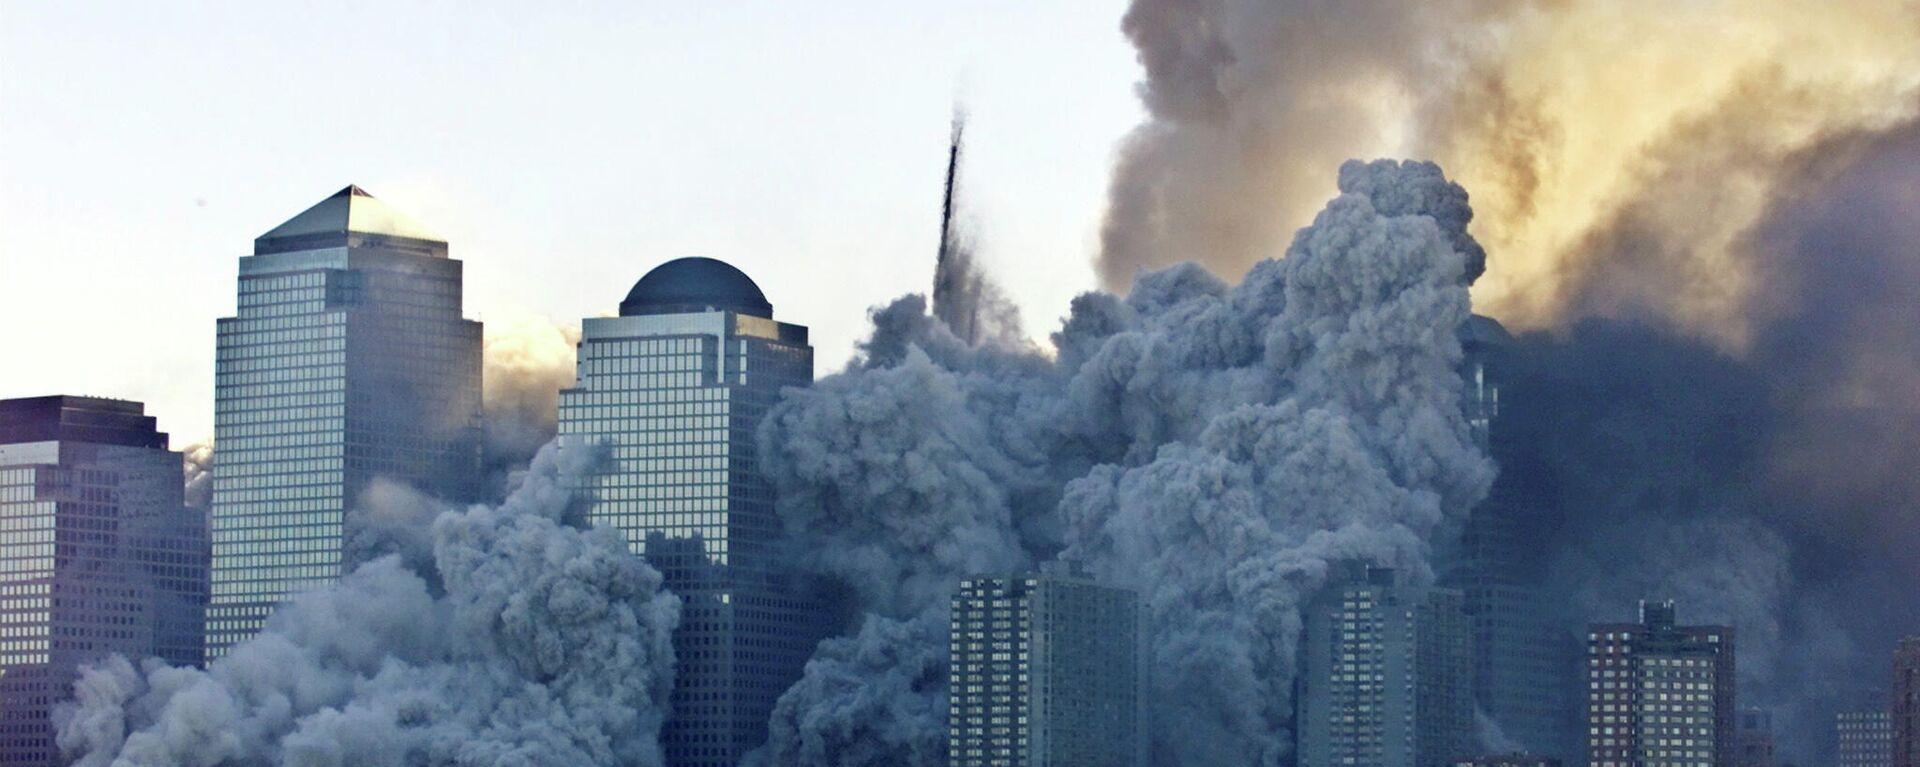 Los ataques terroristas del 11 de septiembre de 2001 en EEUU - Sputnik Mundo, 1920, 11.09.2021